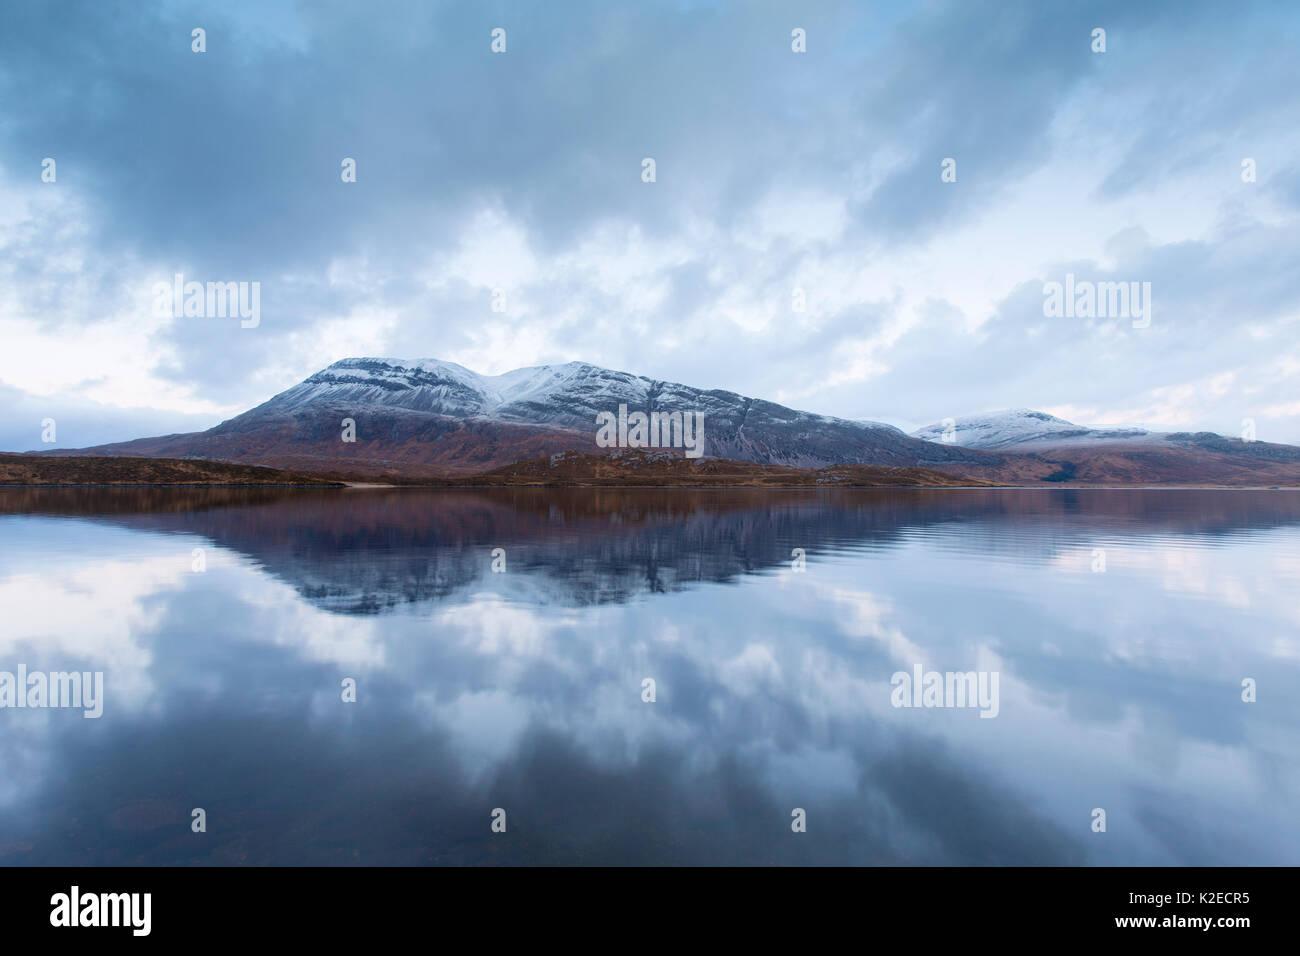 Arkle reflected in Loch Slack at dusk, Sutherland, Highlands, Scotland, December 2014. - Stock Image